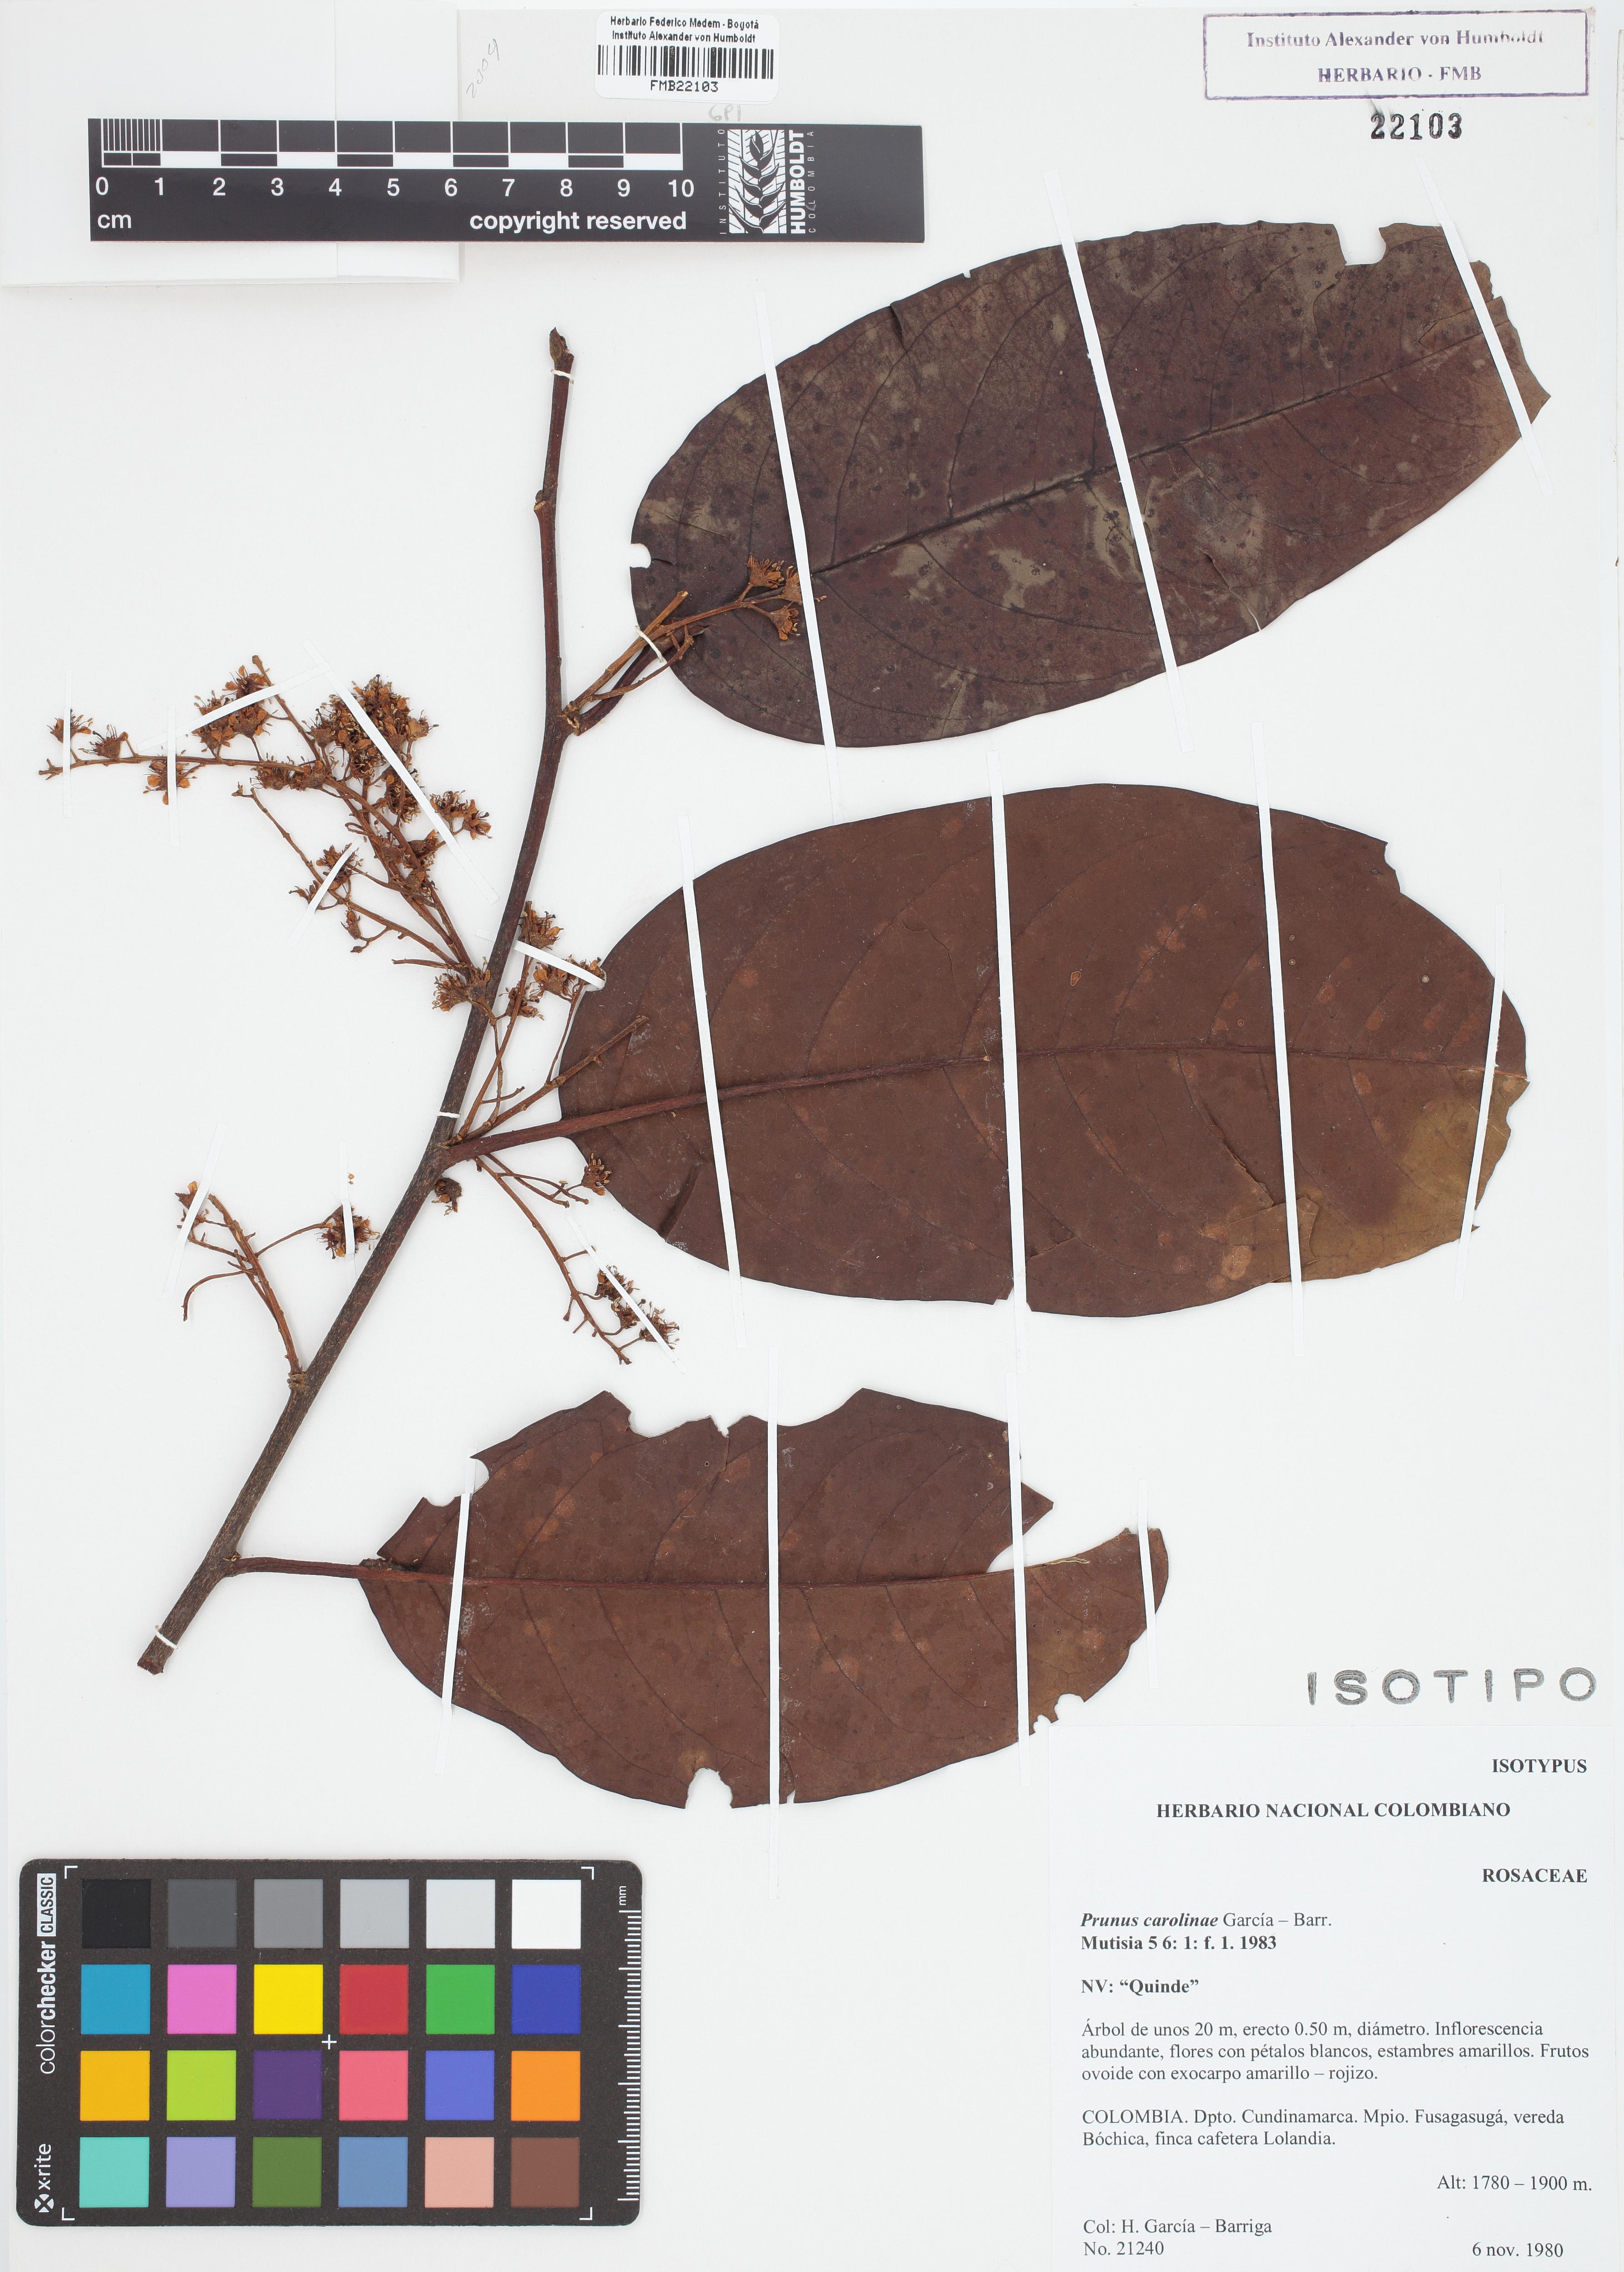 Isotipo de <em>Prunus carolinae</em>, FMB-22103, Fotografía por Robles A.